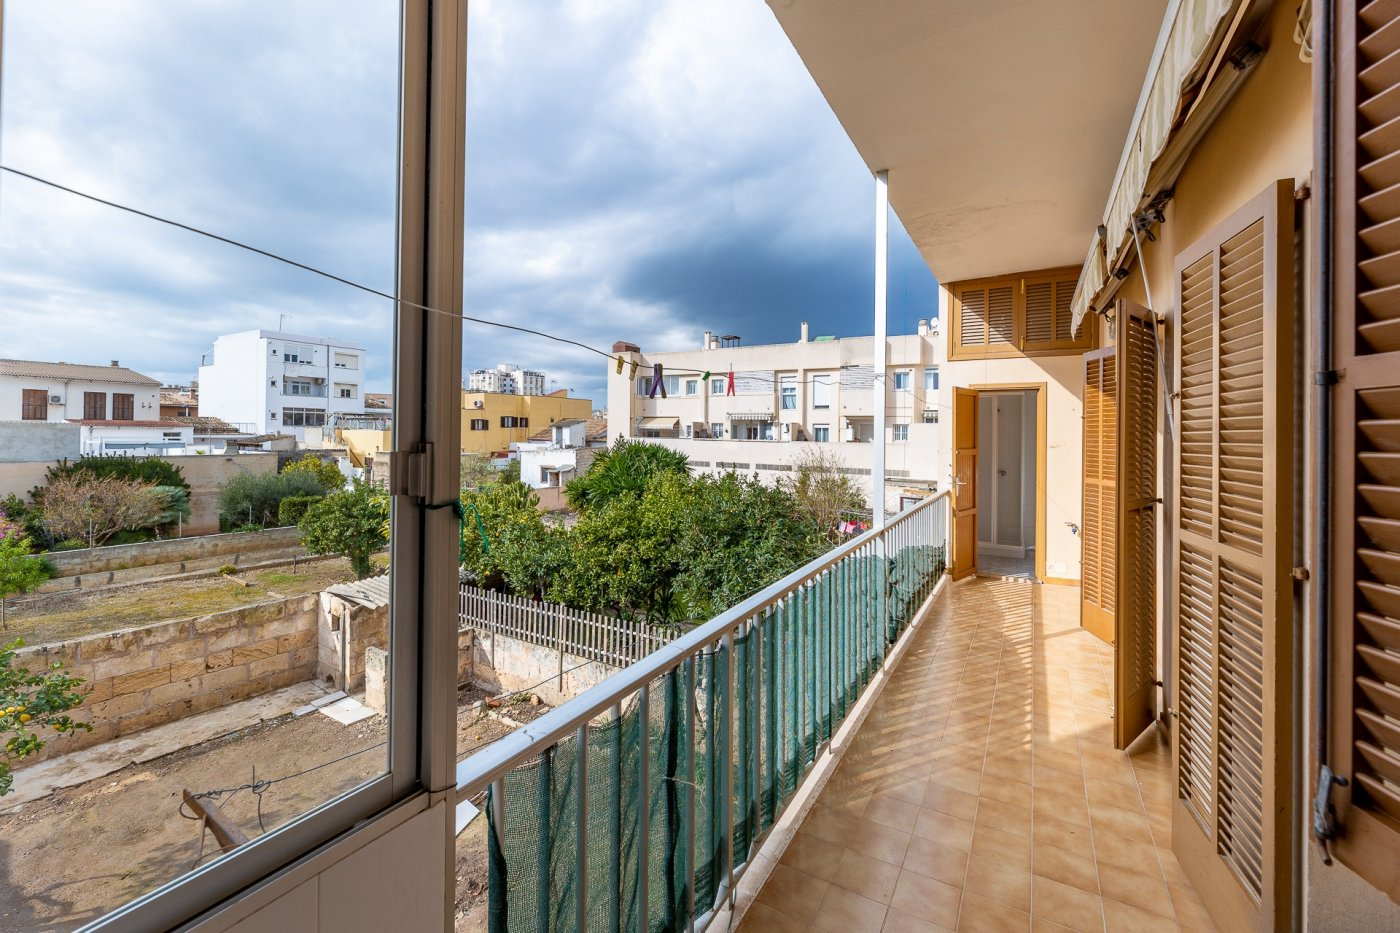 Planta baja y sala adicional de 95 m² con patio de 160 m² - imagenInmueble8